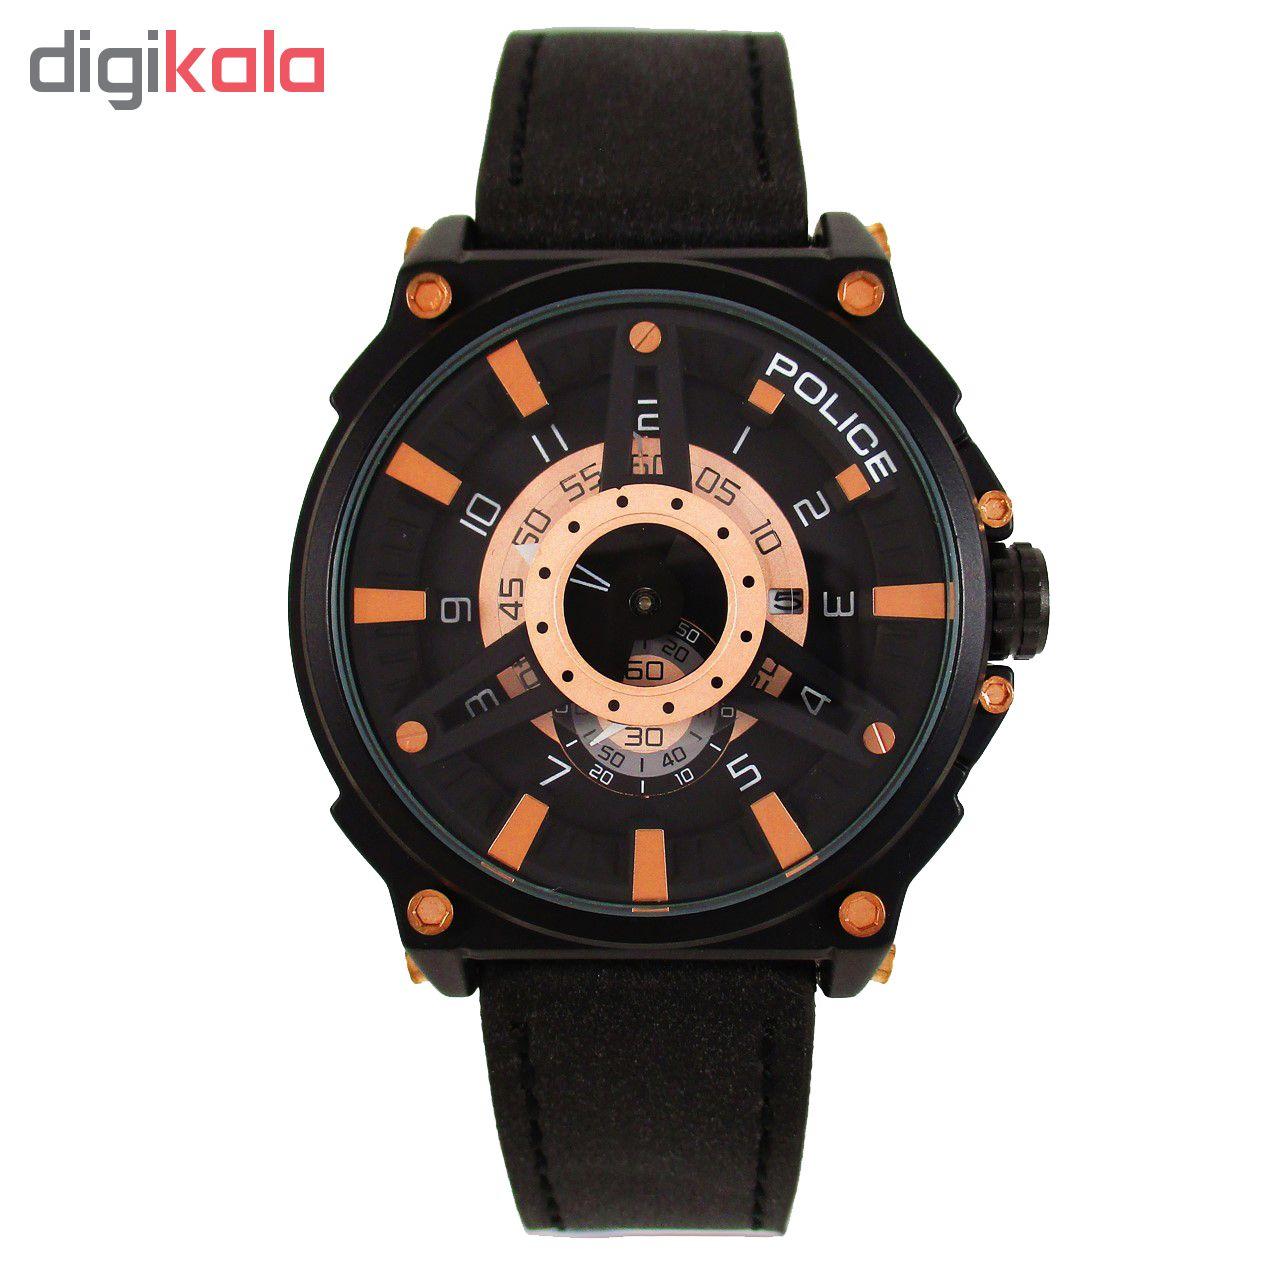 خرید ساعت مچی عقربه ای مردانه مدل POL 01